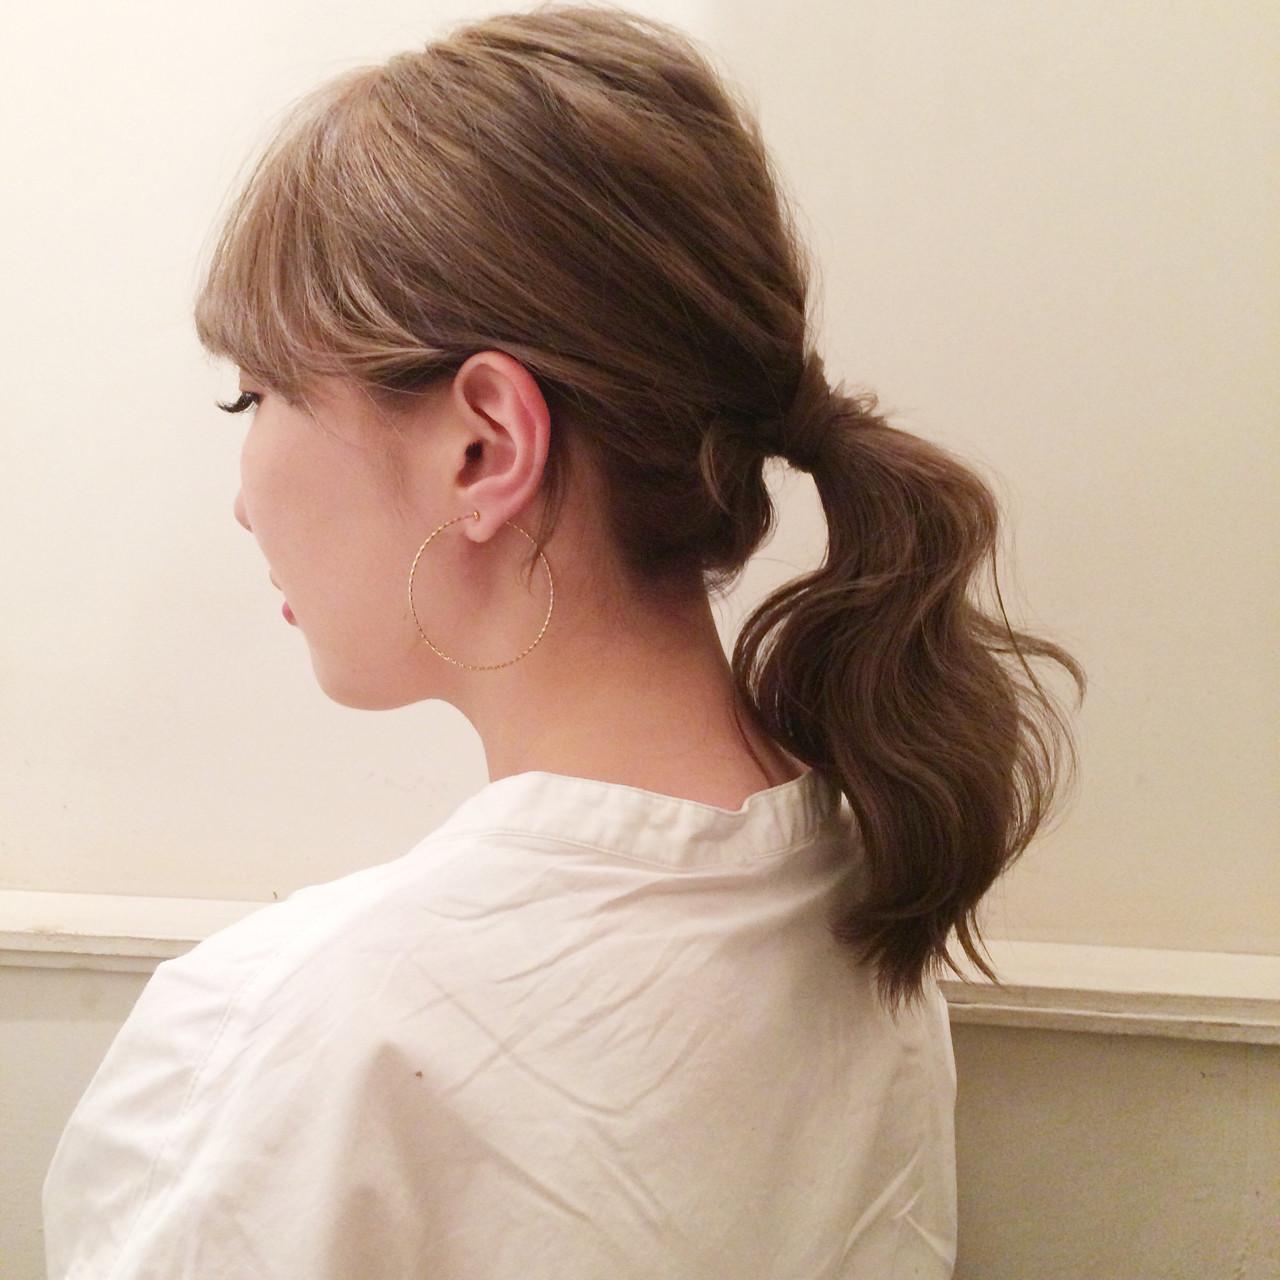 ざっくり仕上げると、抜け感がアップ! 文山勝典/ショート・ボブが得意なヘアデザイナー